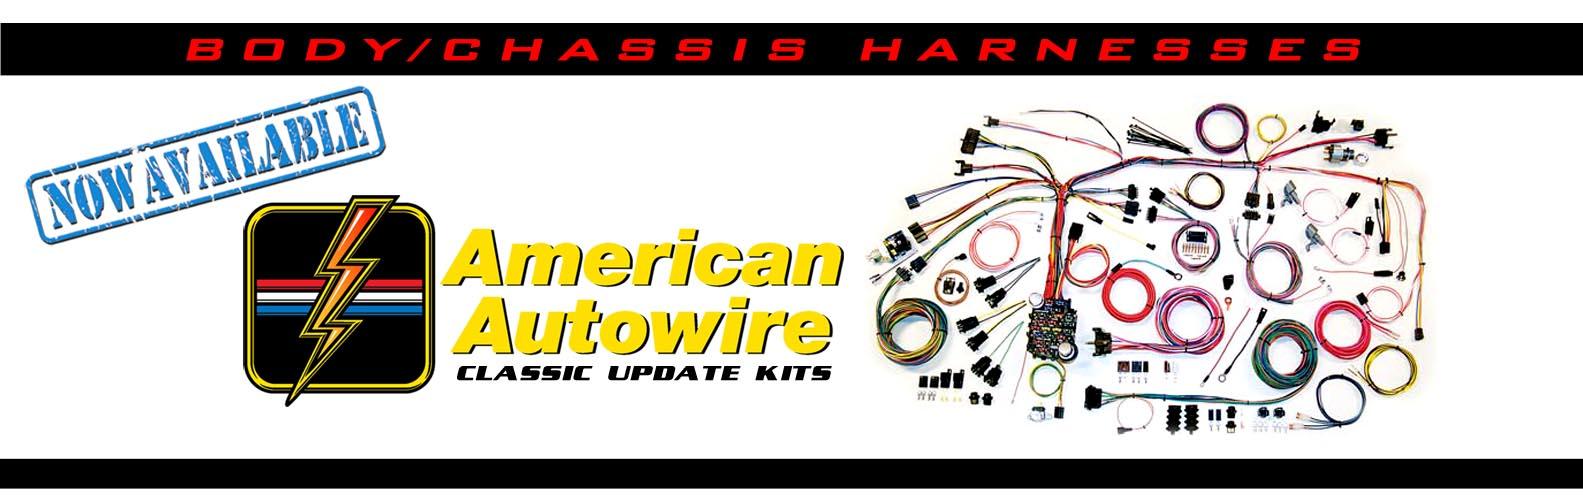 PSI | Standalone Wiring Harness | LS Wiring | LS Wirng Harness | LSX Harness  | LSX Swap Harness | LS | LSX | LS1 | LS2 | LS3 | LS7 | LSA | LS9 | LT1 |  Vortec | 58X | 24X | Swap | Conversion | Psi Wire Harness |  | www.psiconversion.com